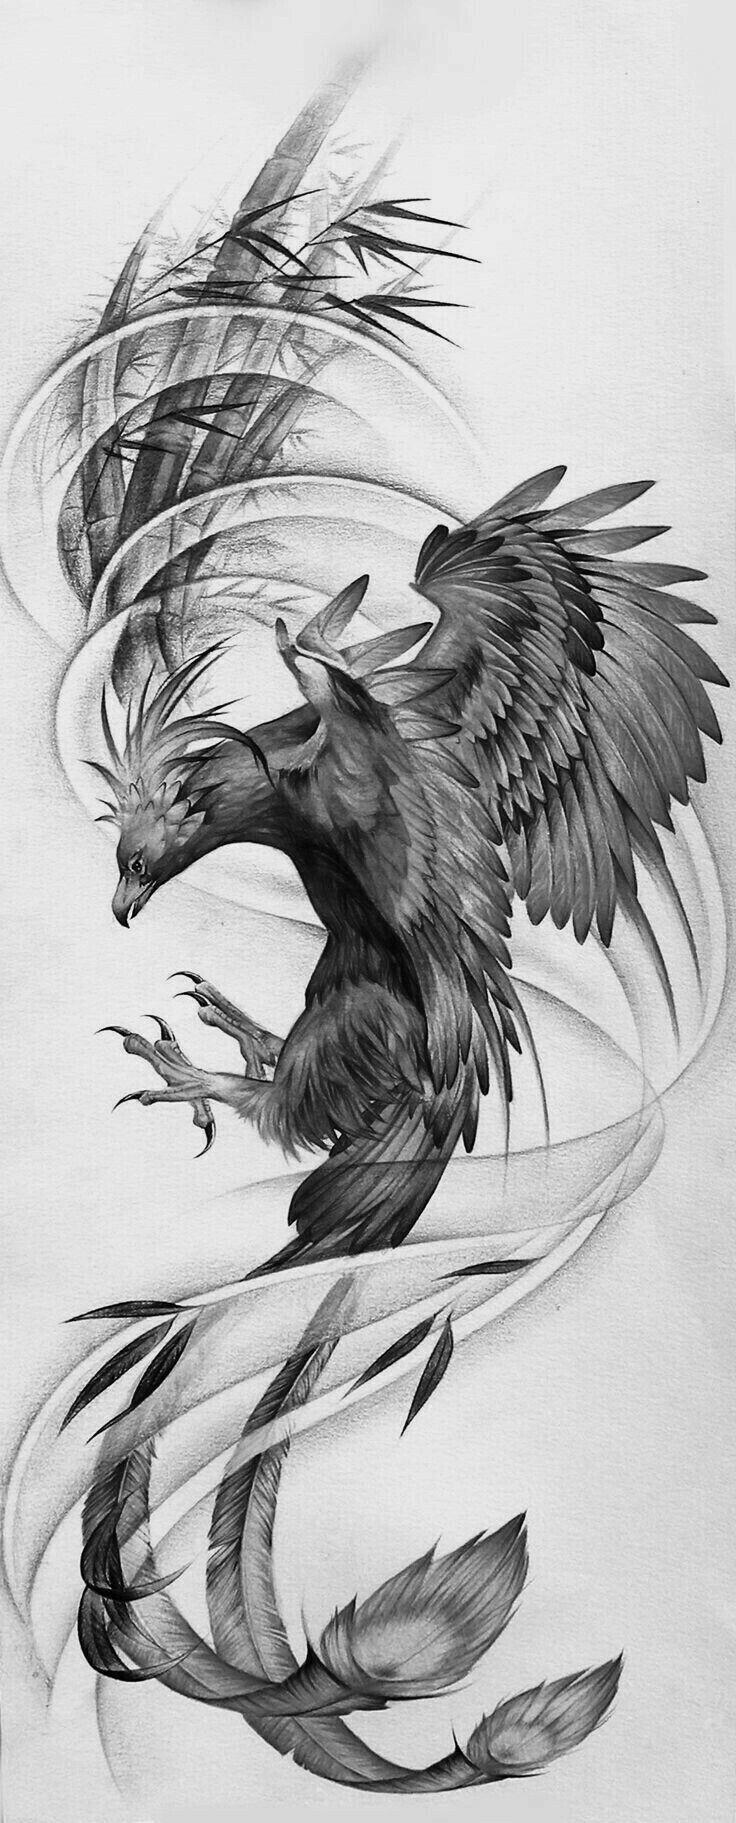 Pin By Adella Hall On Phoenix Phoenix Tattoo Phoenix Bird Tattoos Leg Tattoos